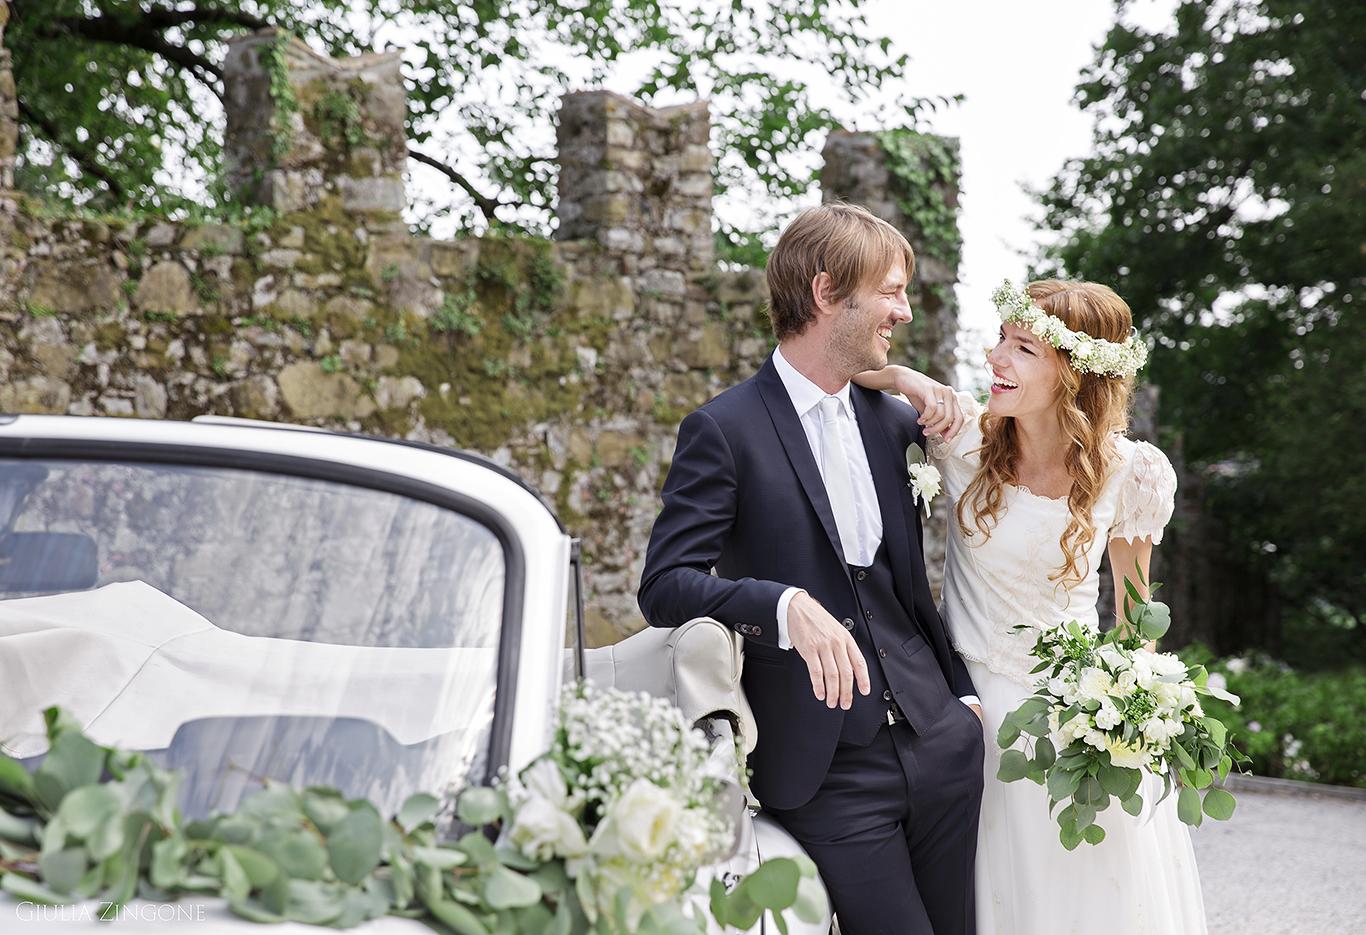 se cercate una location per matrimoni in friuli il castello di buttrio e una splendida dimora storica